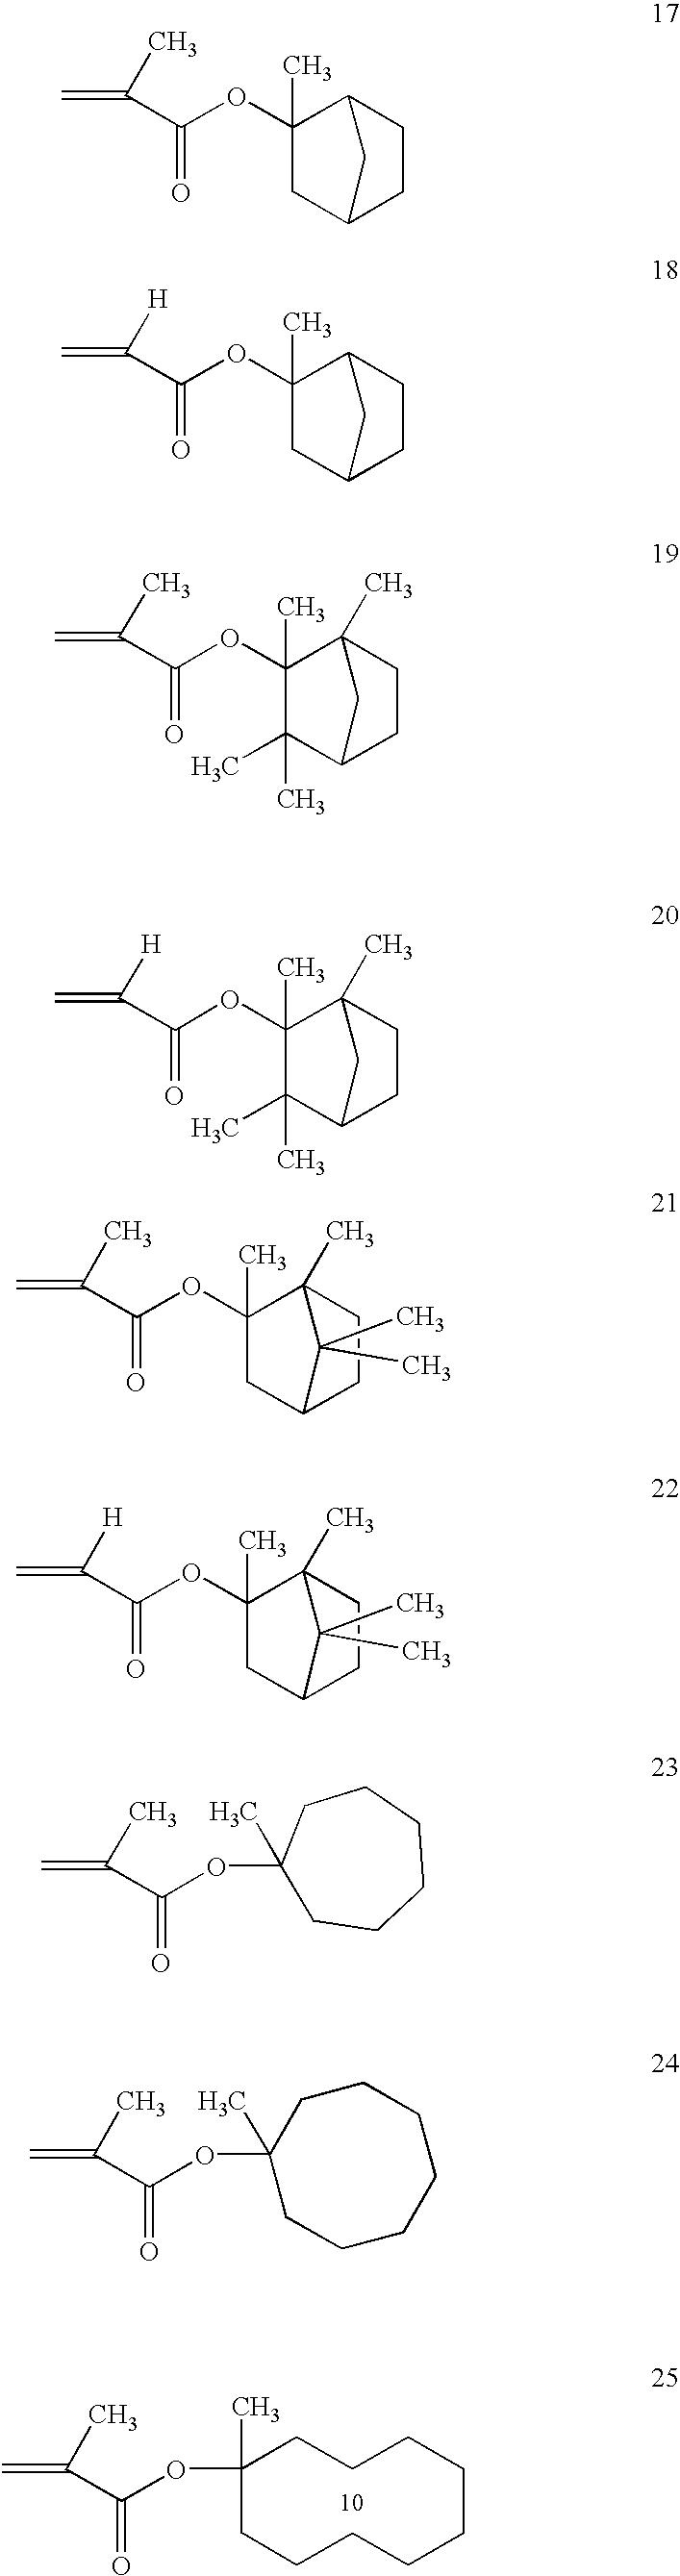 Figure US20030186161A1-20031002-C00049